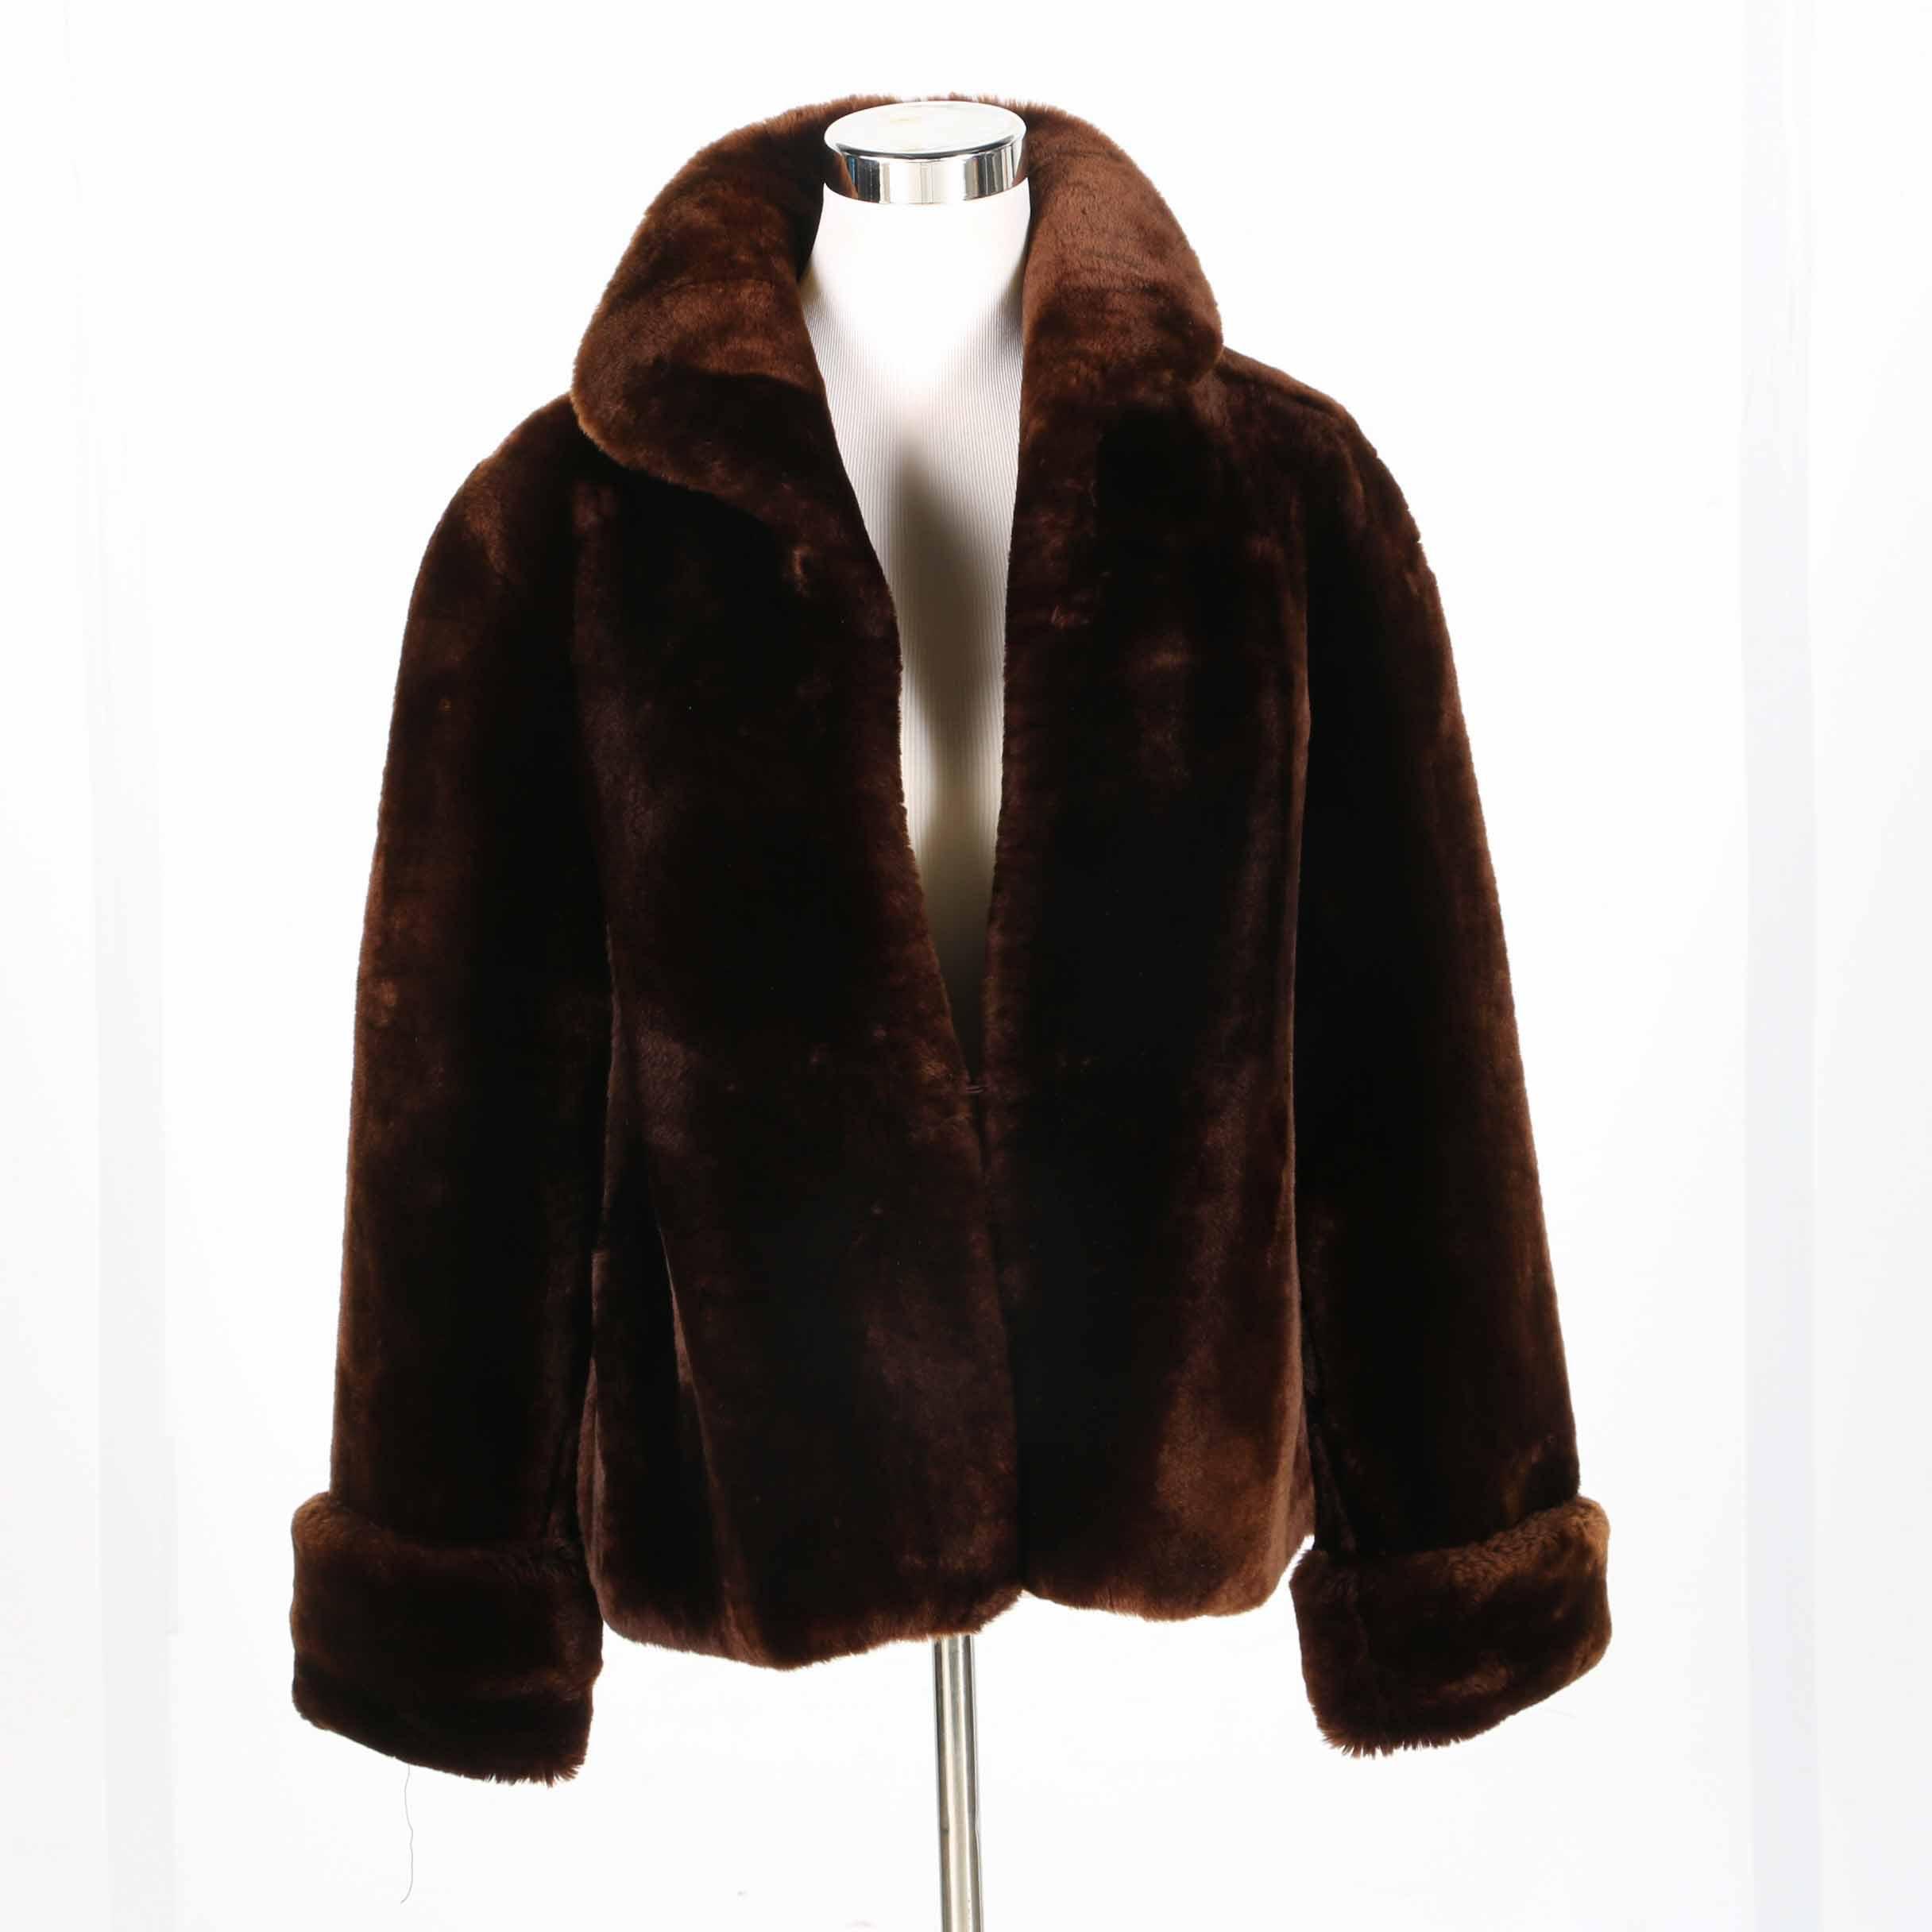 Vintage Union Made Faux Fur Coat